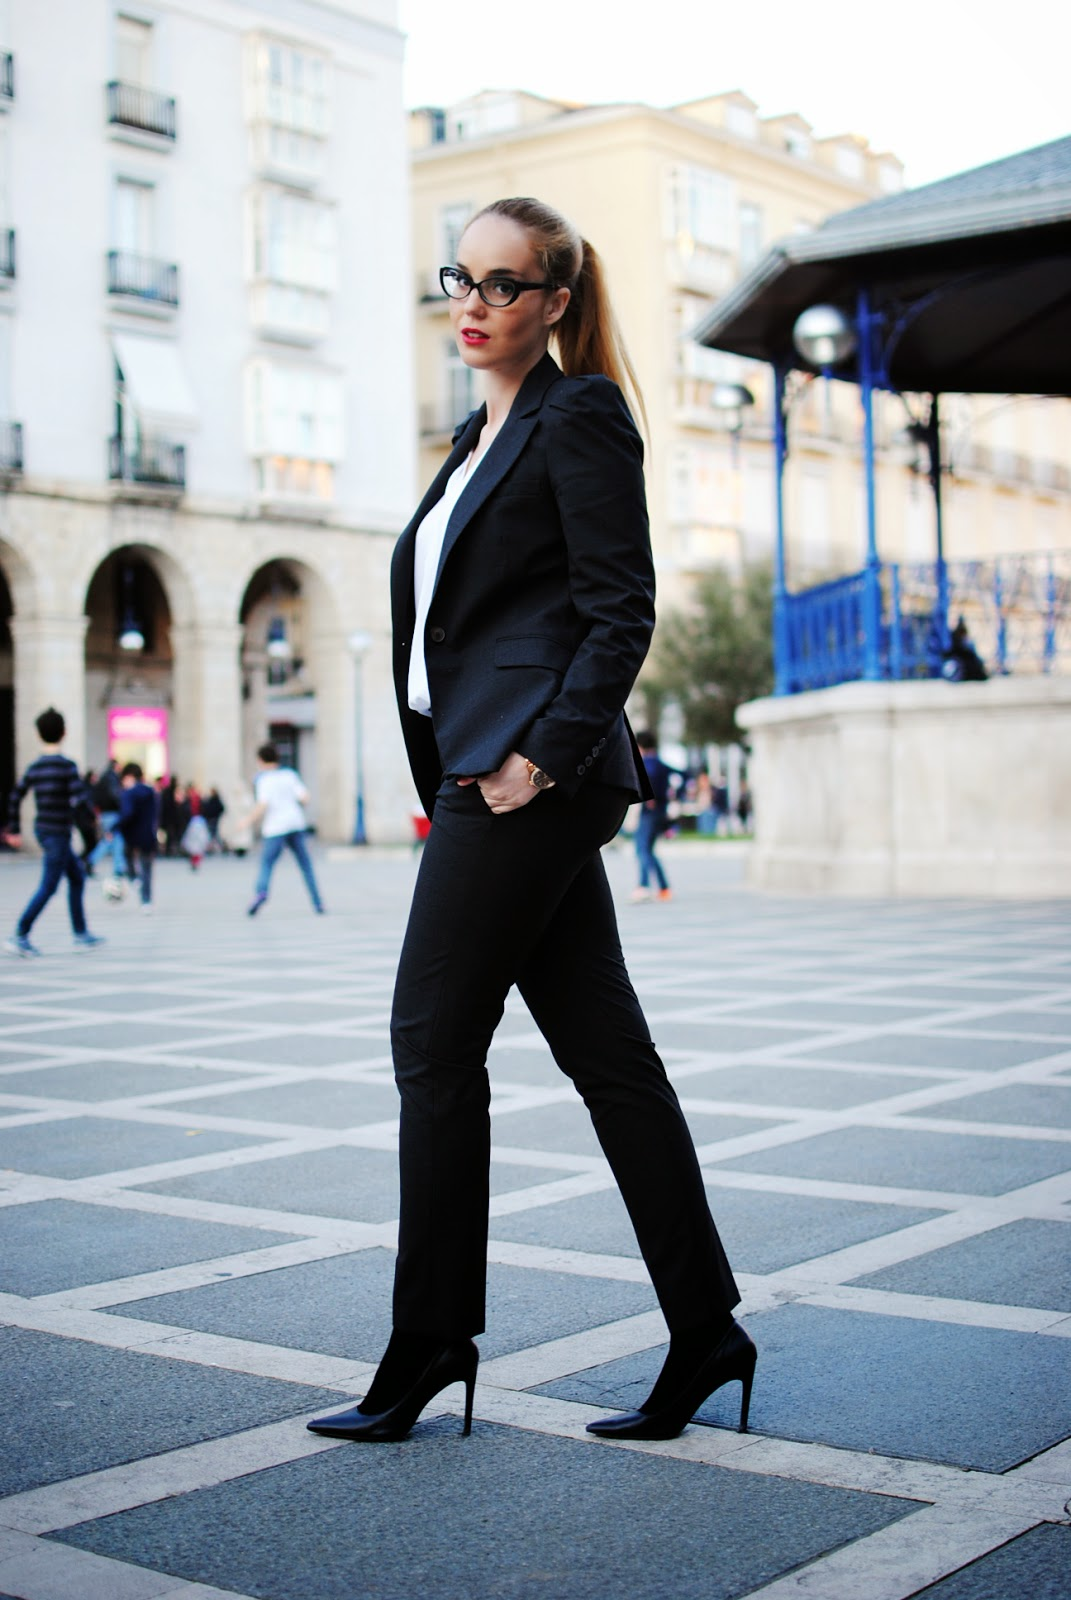 nery hdez, business look, vestirse para entrevista de trabajo, total look zara, traje chaqueta mujer, blonde